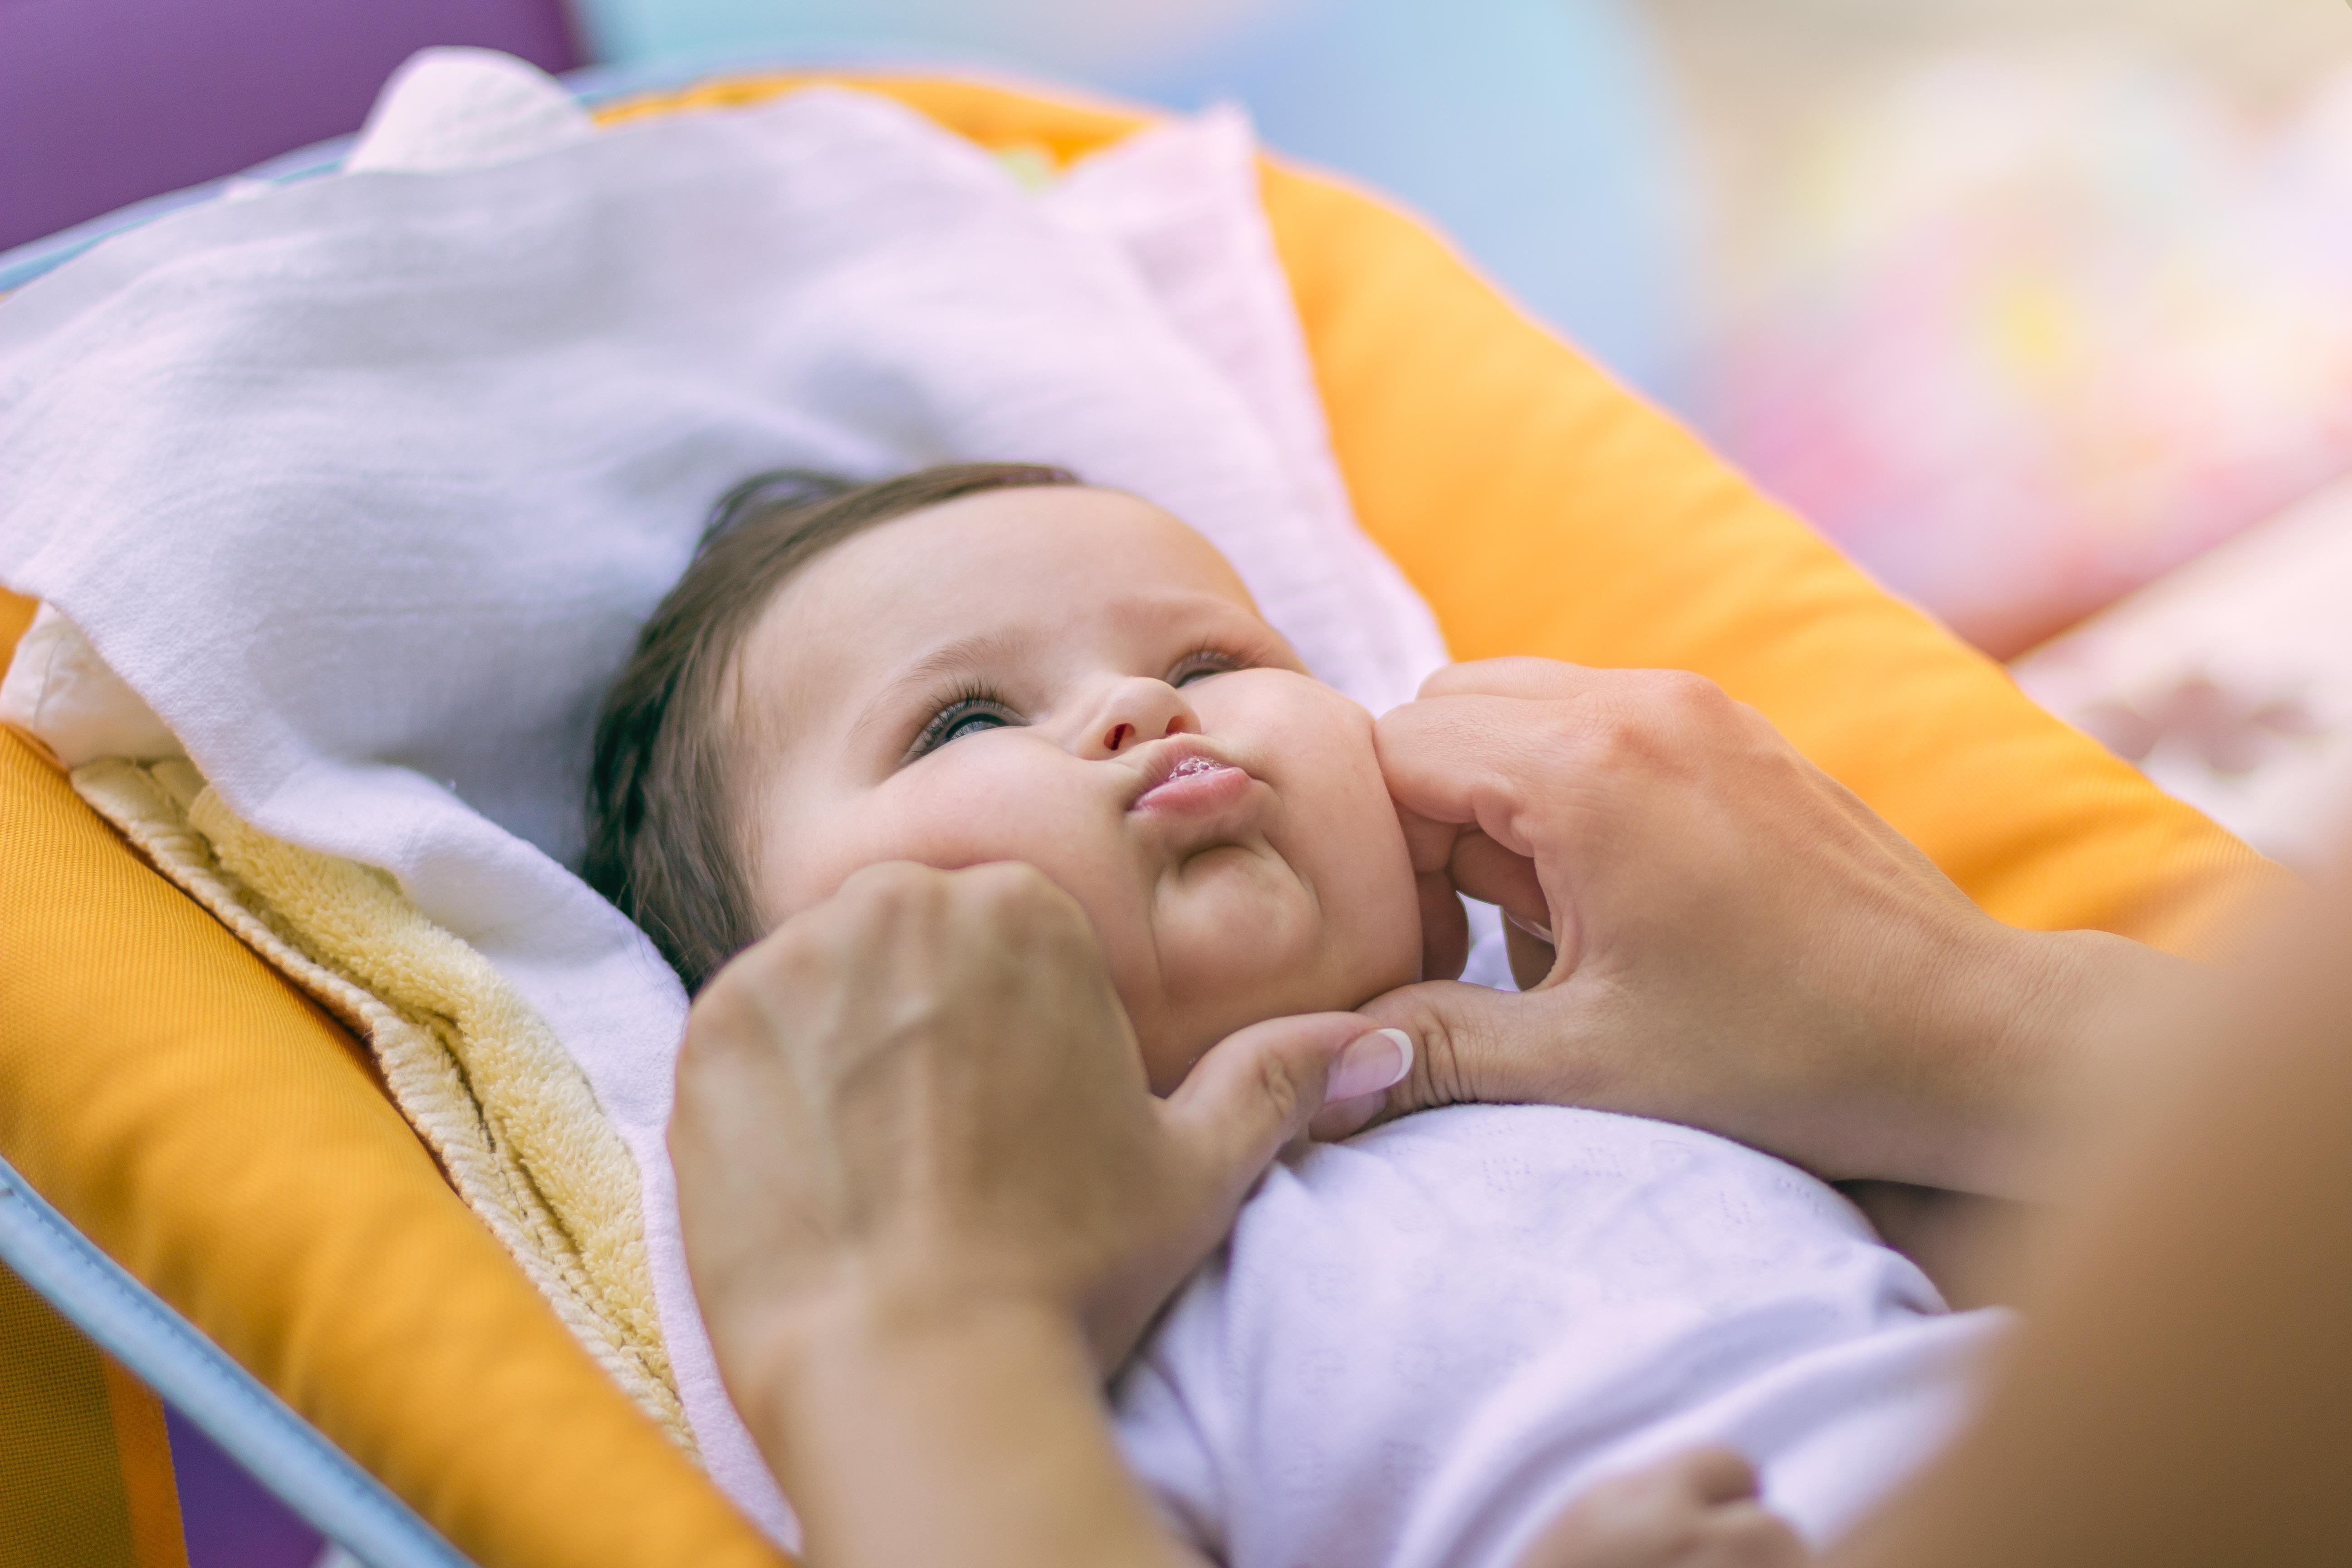 <p><strong>Gigil </strong>(тагалски)</p>  <p>Чувството, когато искате да щипнете сладко бебче по бузките, или да прегърнете някого силно, защото много го обичате.</p>